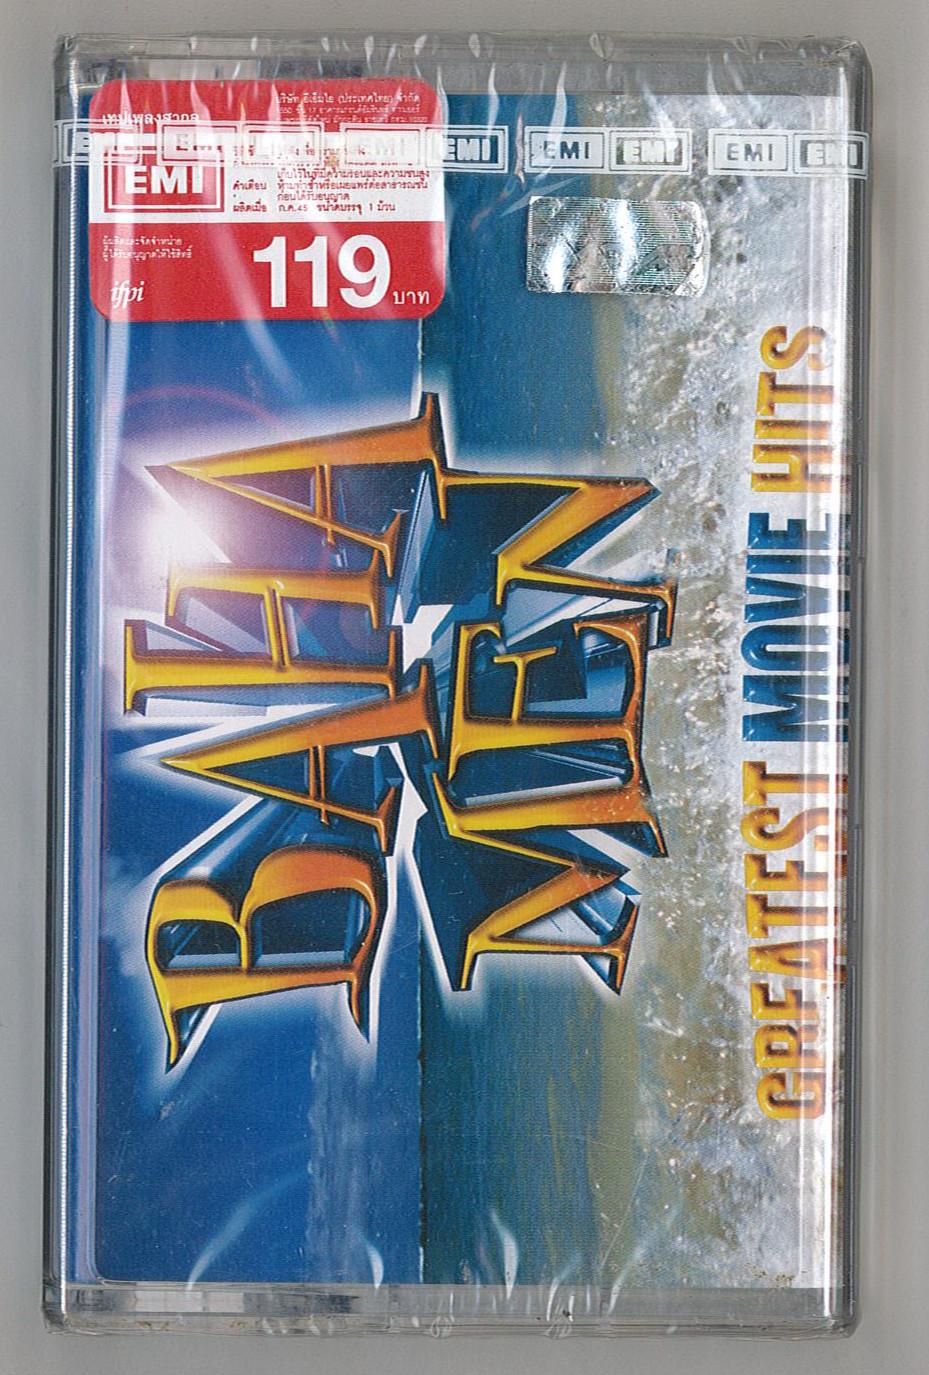 WLWLTDOO-2002-CS-BAHA-MAN-MOVIE-HITS-FRONT.jpg